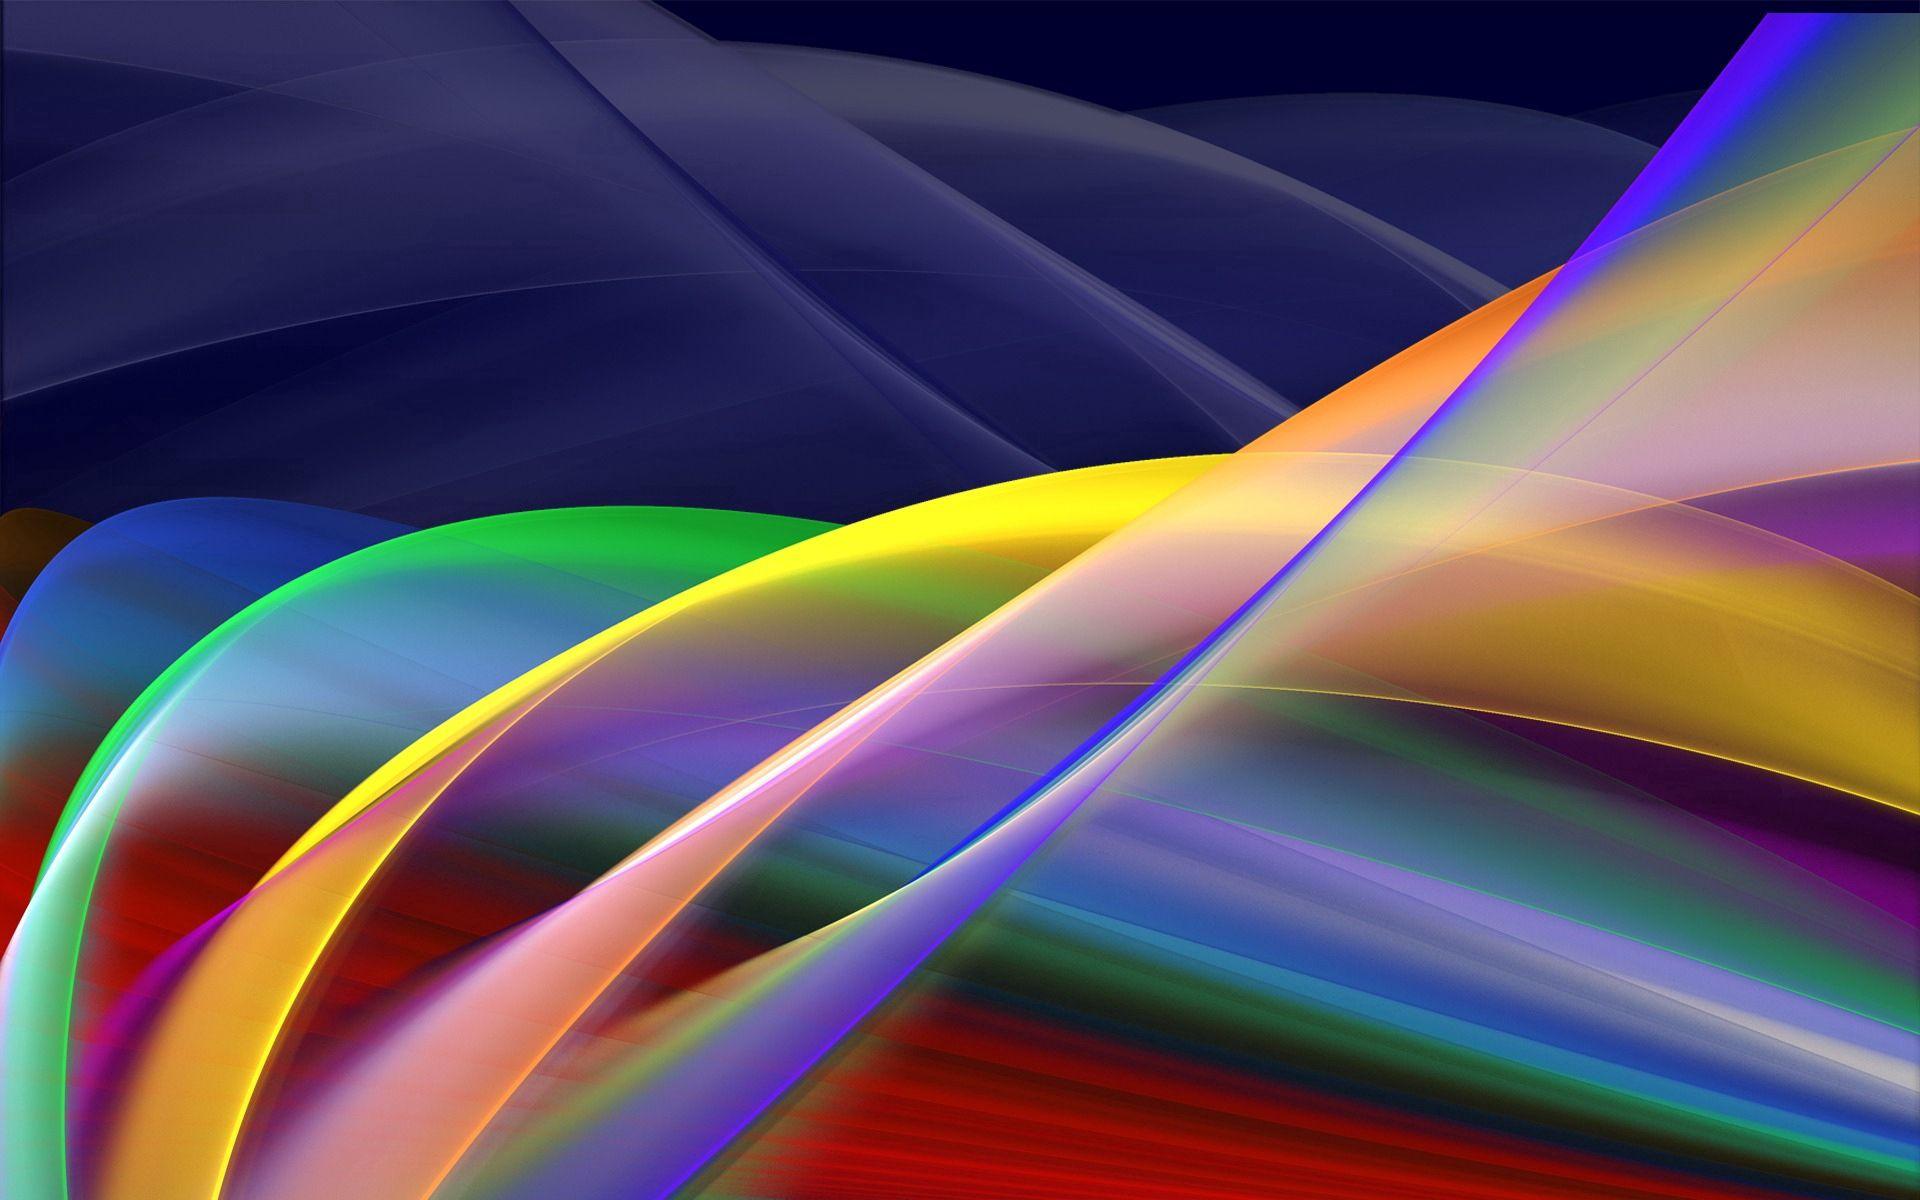 51528 скачать обои Абстракция, Линии, Разноцветный, Фон, Фигура - заставки и картинки бесплатно